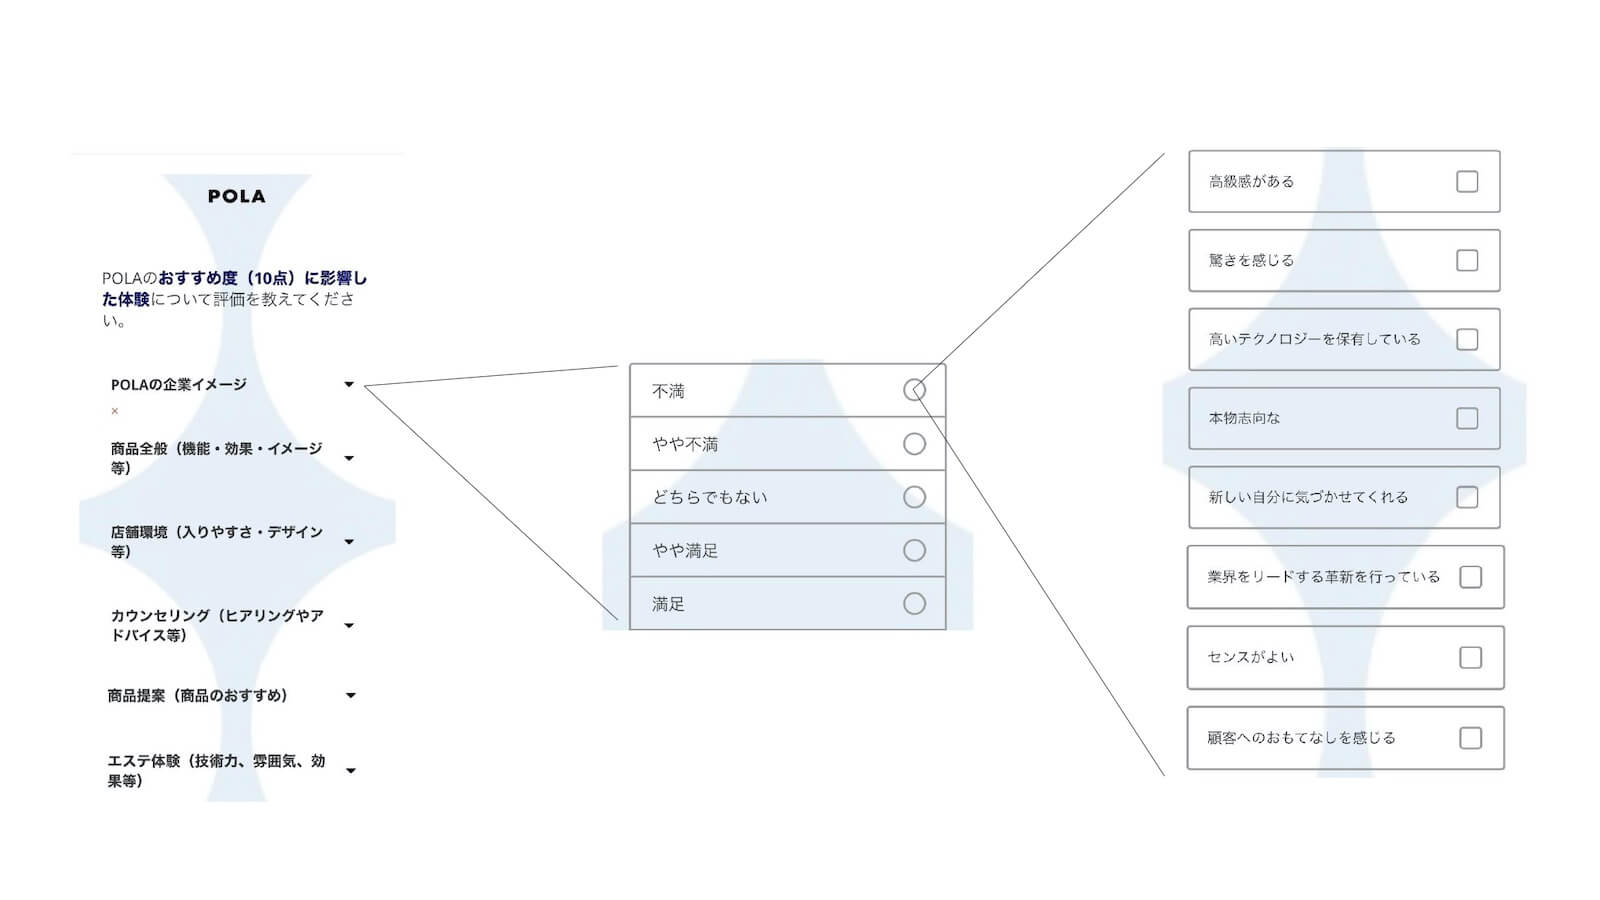 アンケート_イメージ図